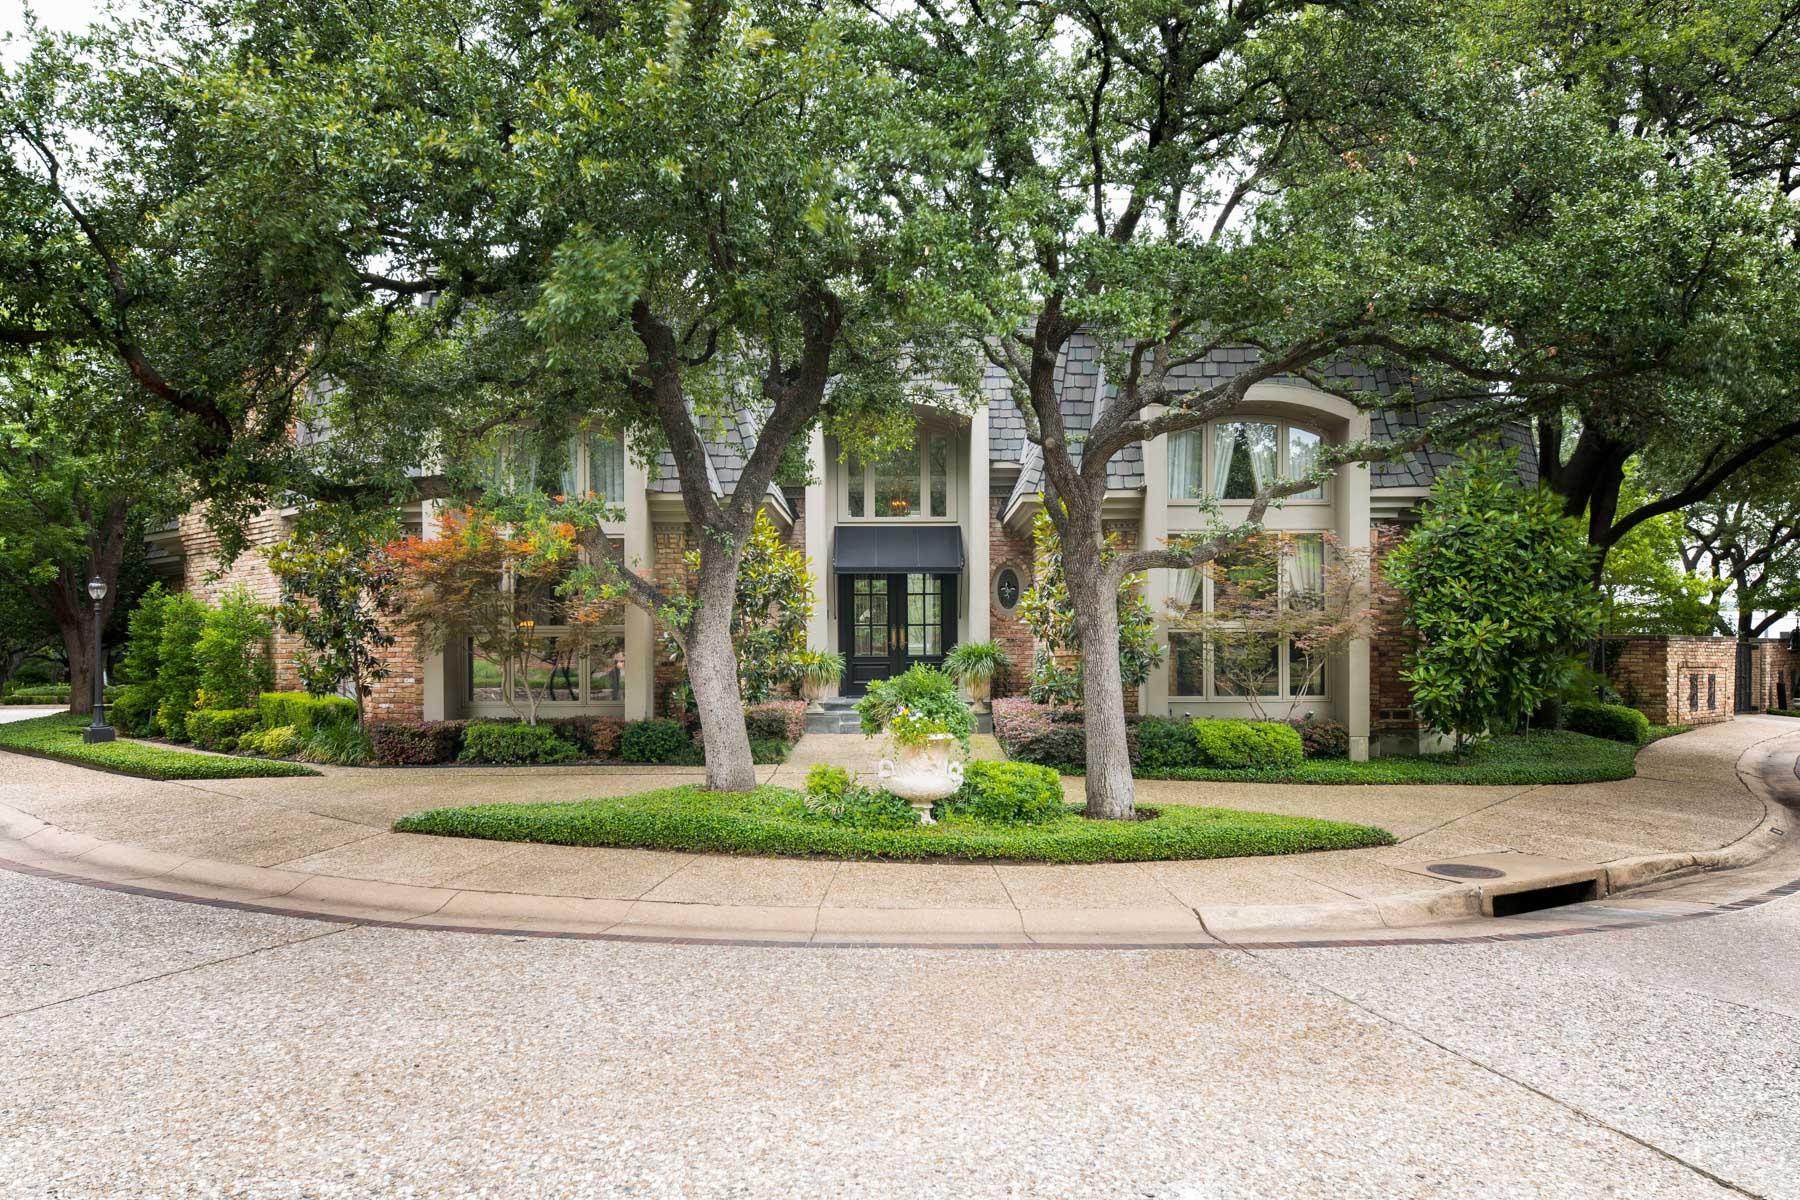 一戸建て のために 売買 アット 10 Rue Du Lac Road, Dallas 10 Rue Du Lac Rd Dallas, テキサス, 75230 アメリカ合衆国